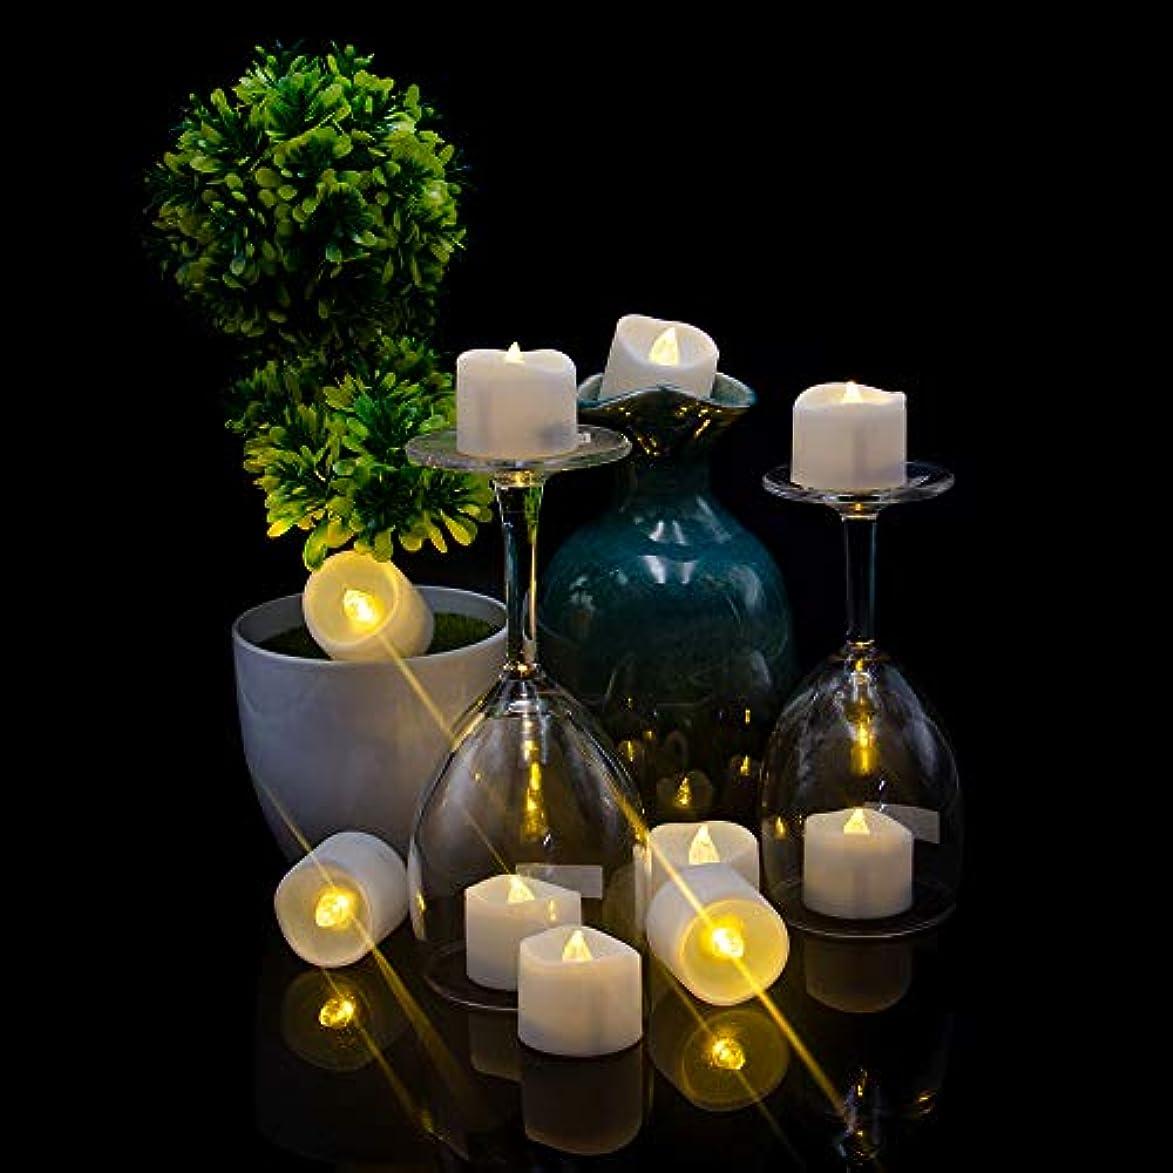 冷ややかなで出来ているデコードするLEDキャンドルライト Helian 癒しの灯り クリスマス/パーティー/結婚式/誕生日用 室内 室外飾り 暖色光 5時間連続輝く タイマー機能 (12個セット)